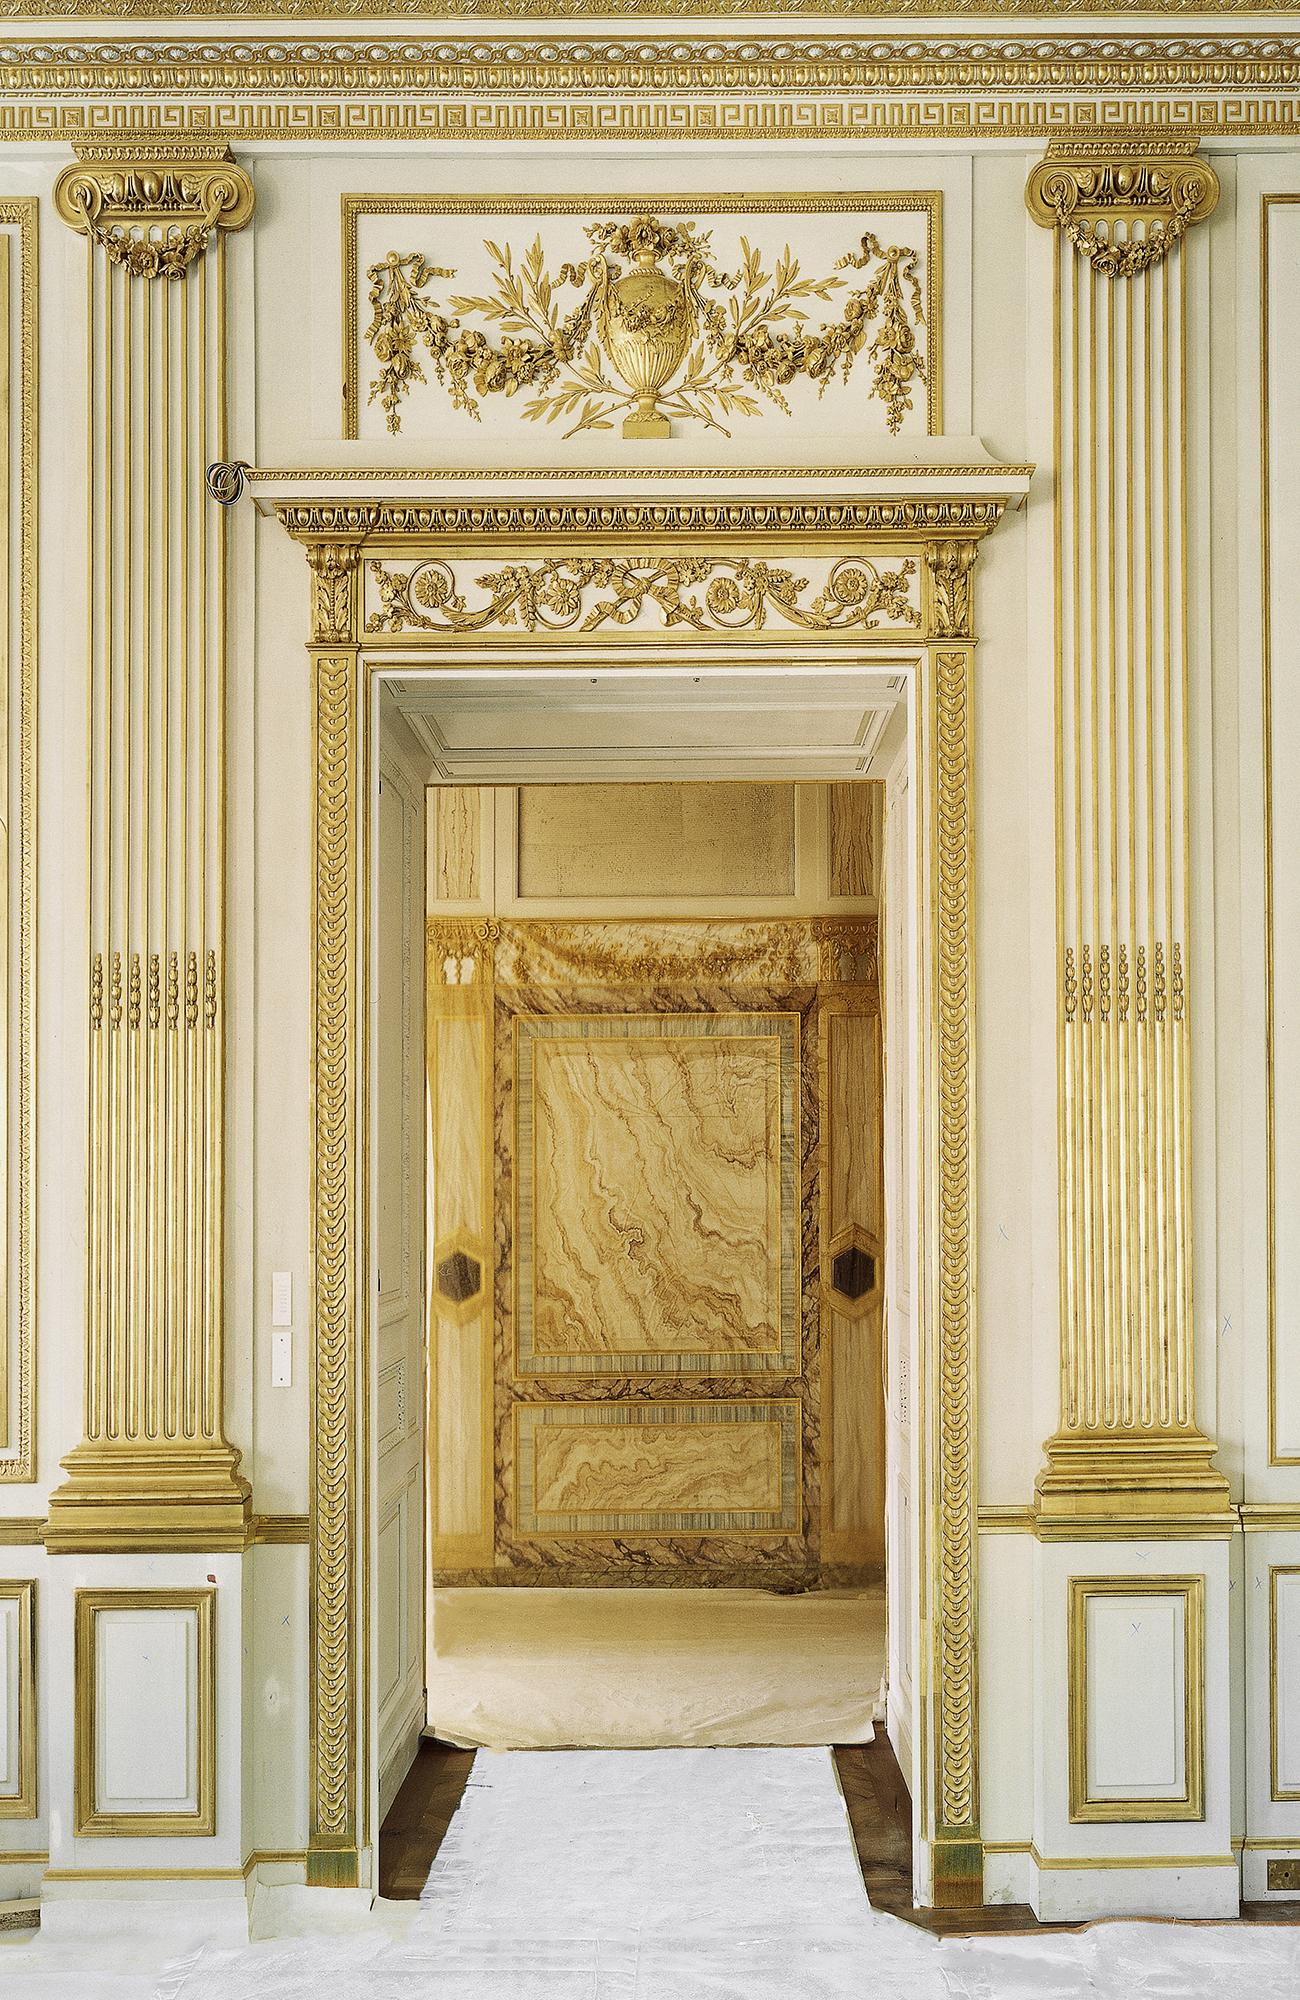 18th-century paneled office, Jacques de Lajoüe, architectural painter, rocaille style